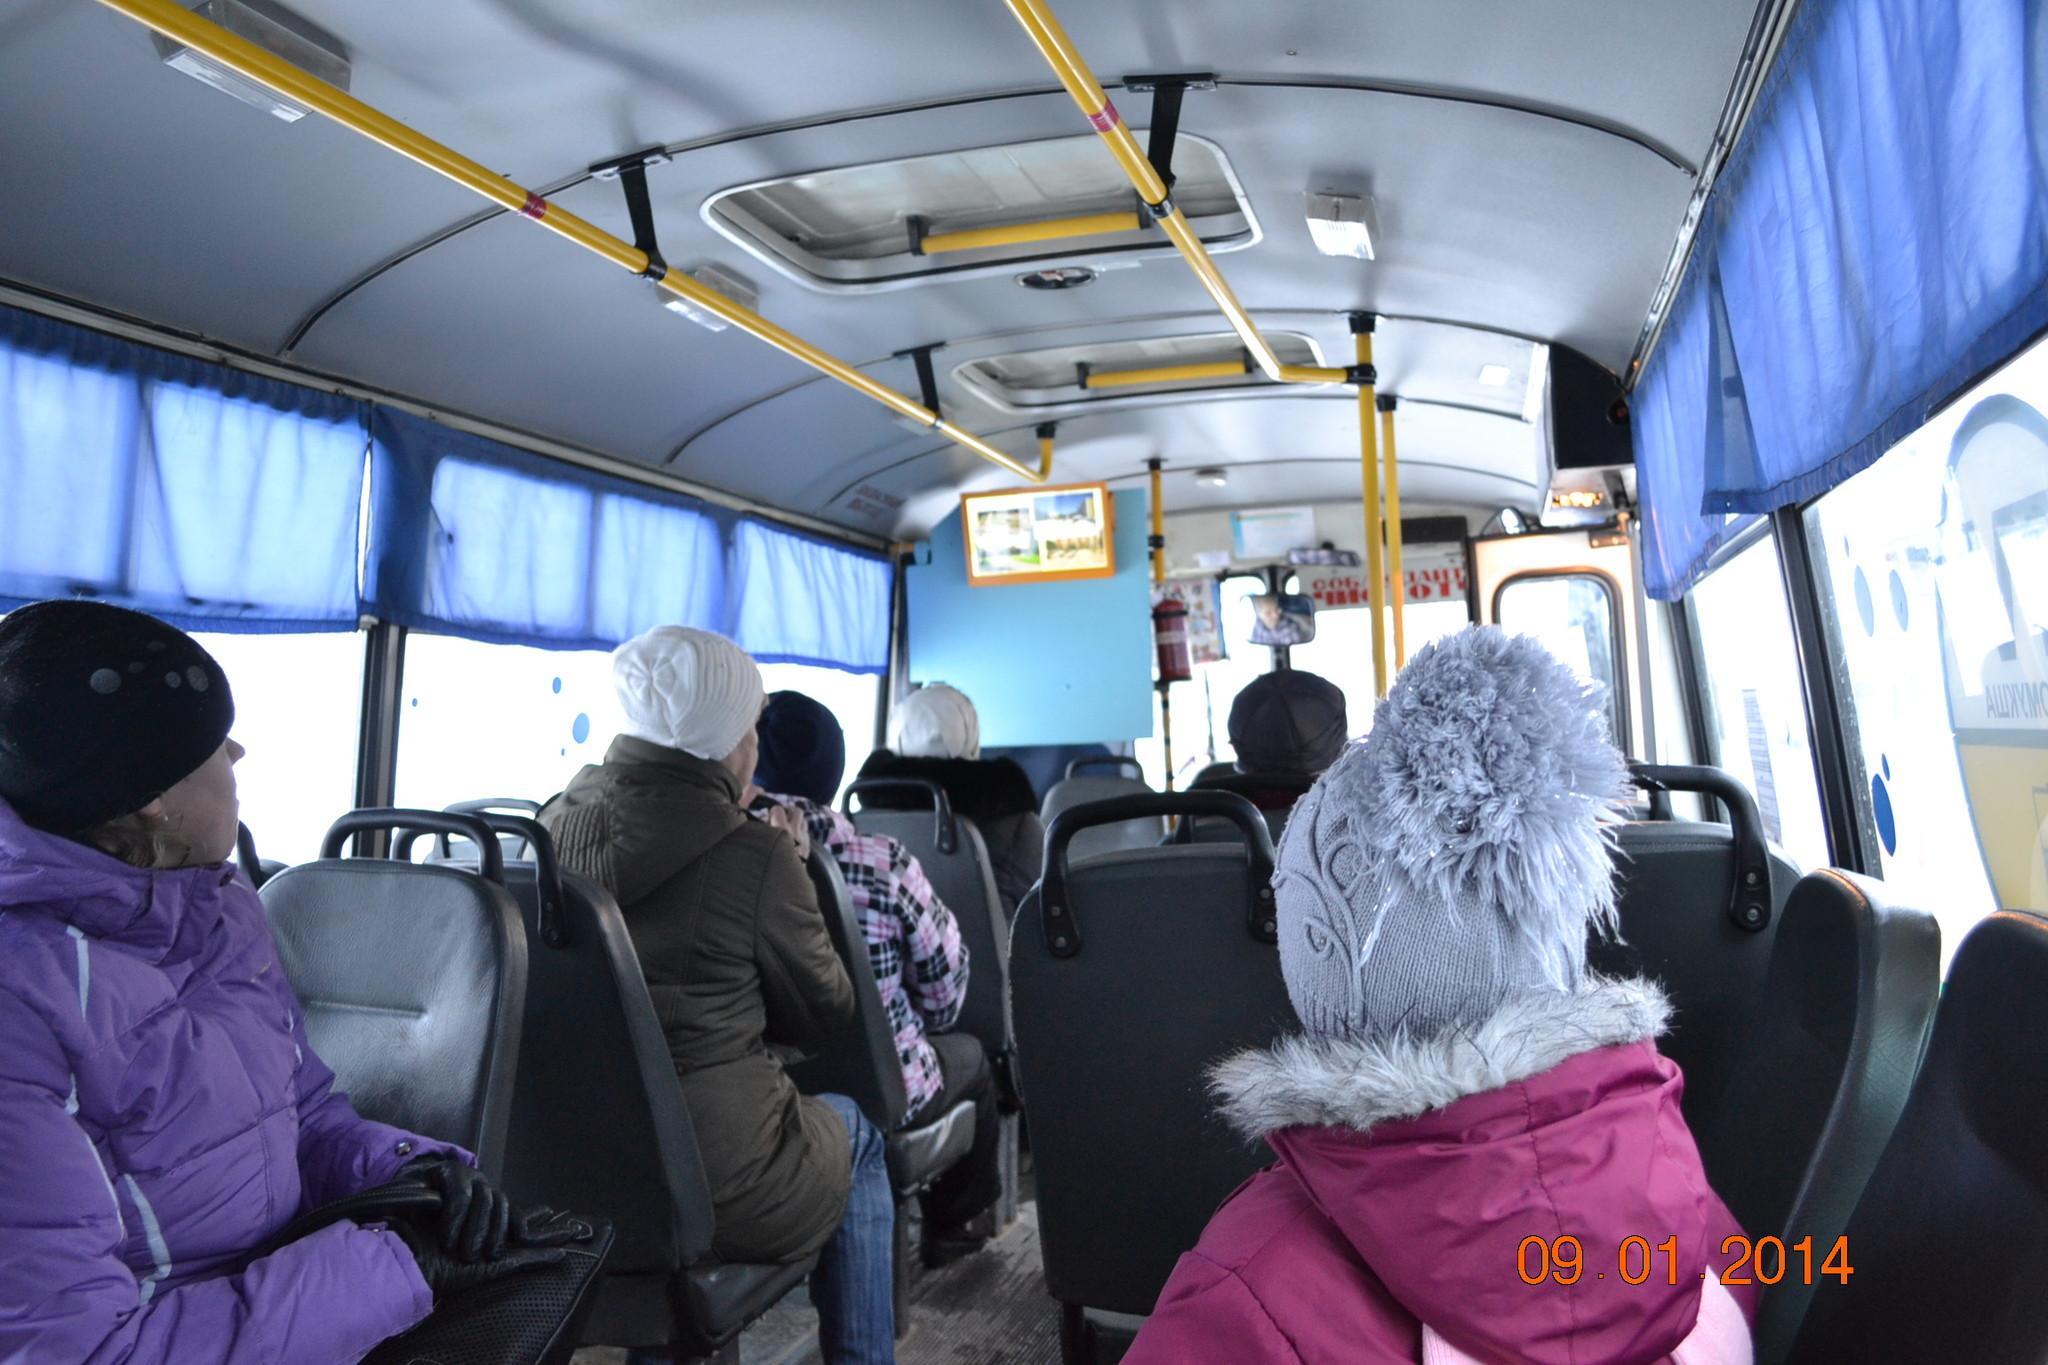 Рекламные мониторы в общественном транспорте - Первое Маршрутное Телевидение